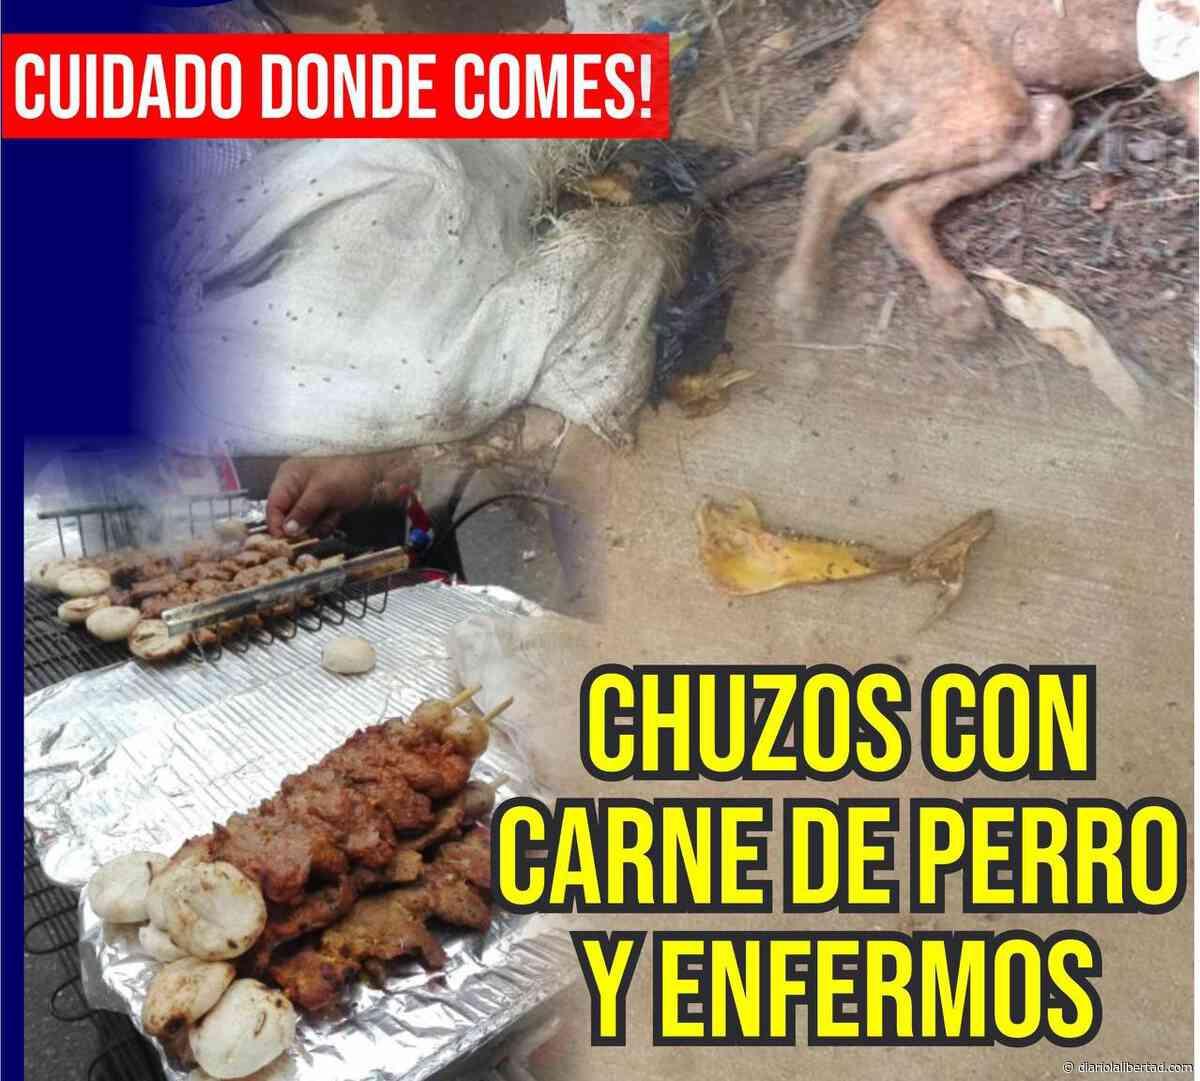 Vendían chuzos de carne de perro y al parecer enfermos en Simití, Bolívar - Diario La Libertad